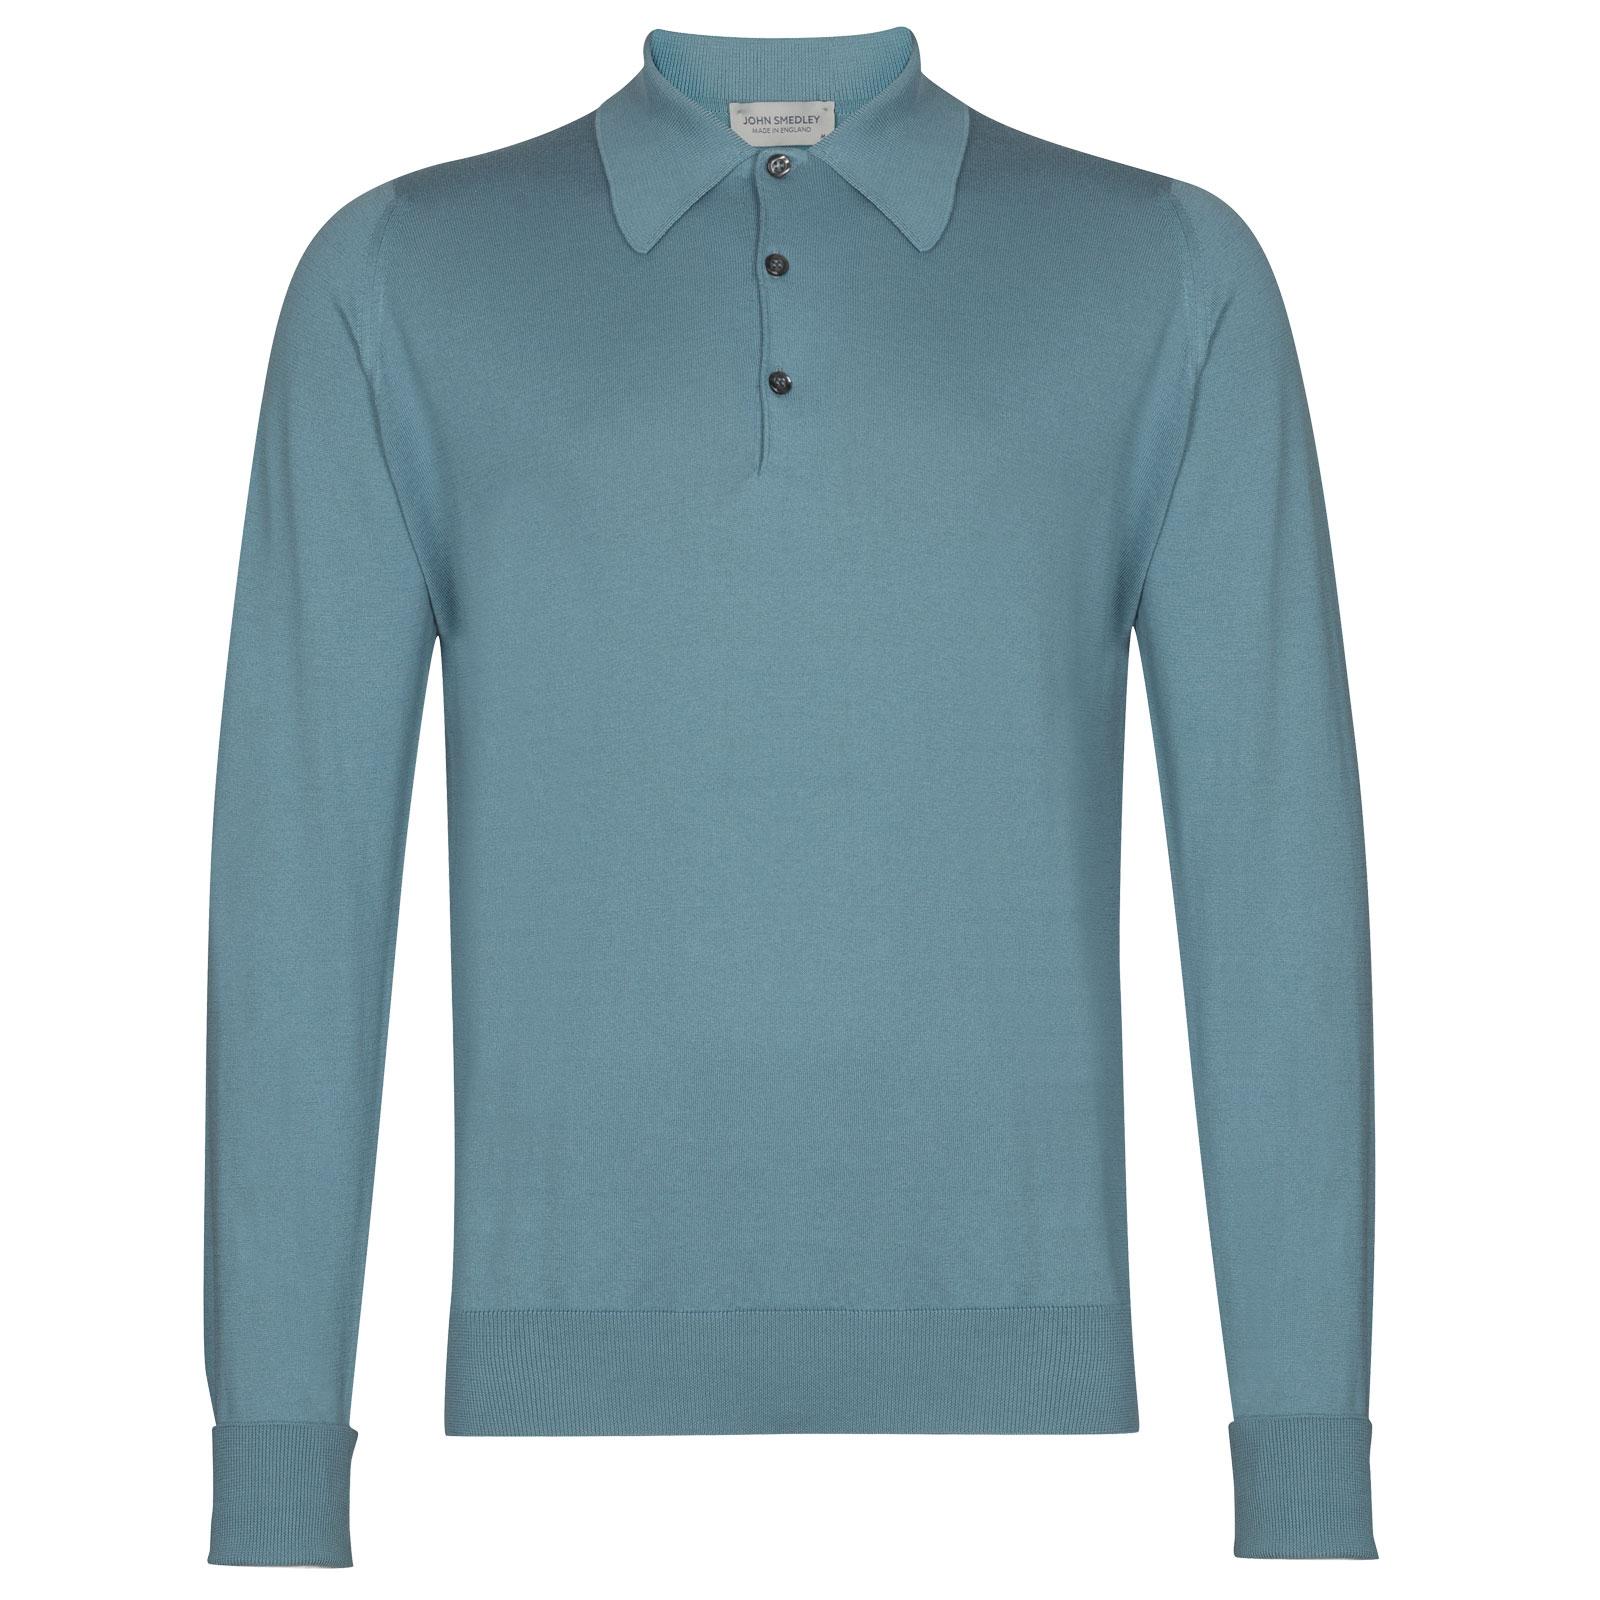 John Smedley Finchley in Dewdrop Blue Shirt-XXL